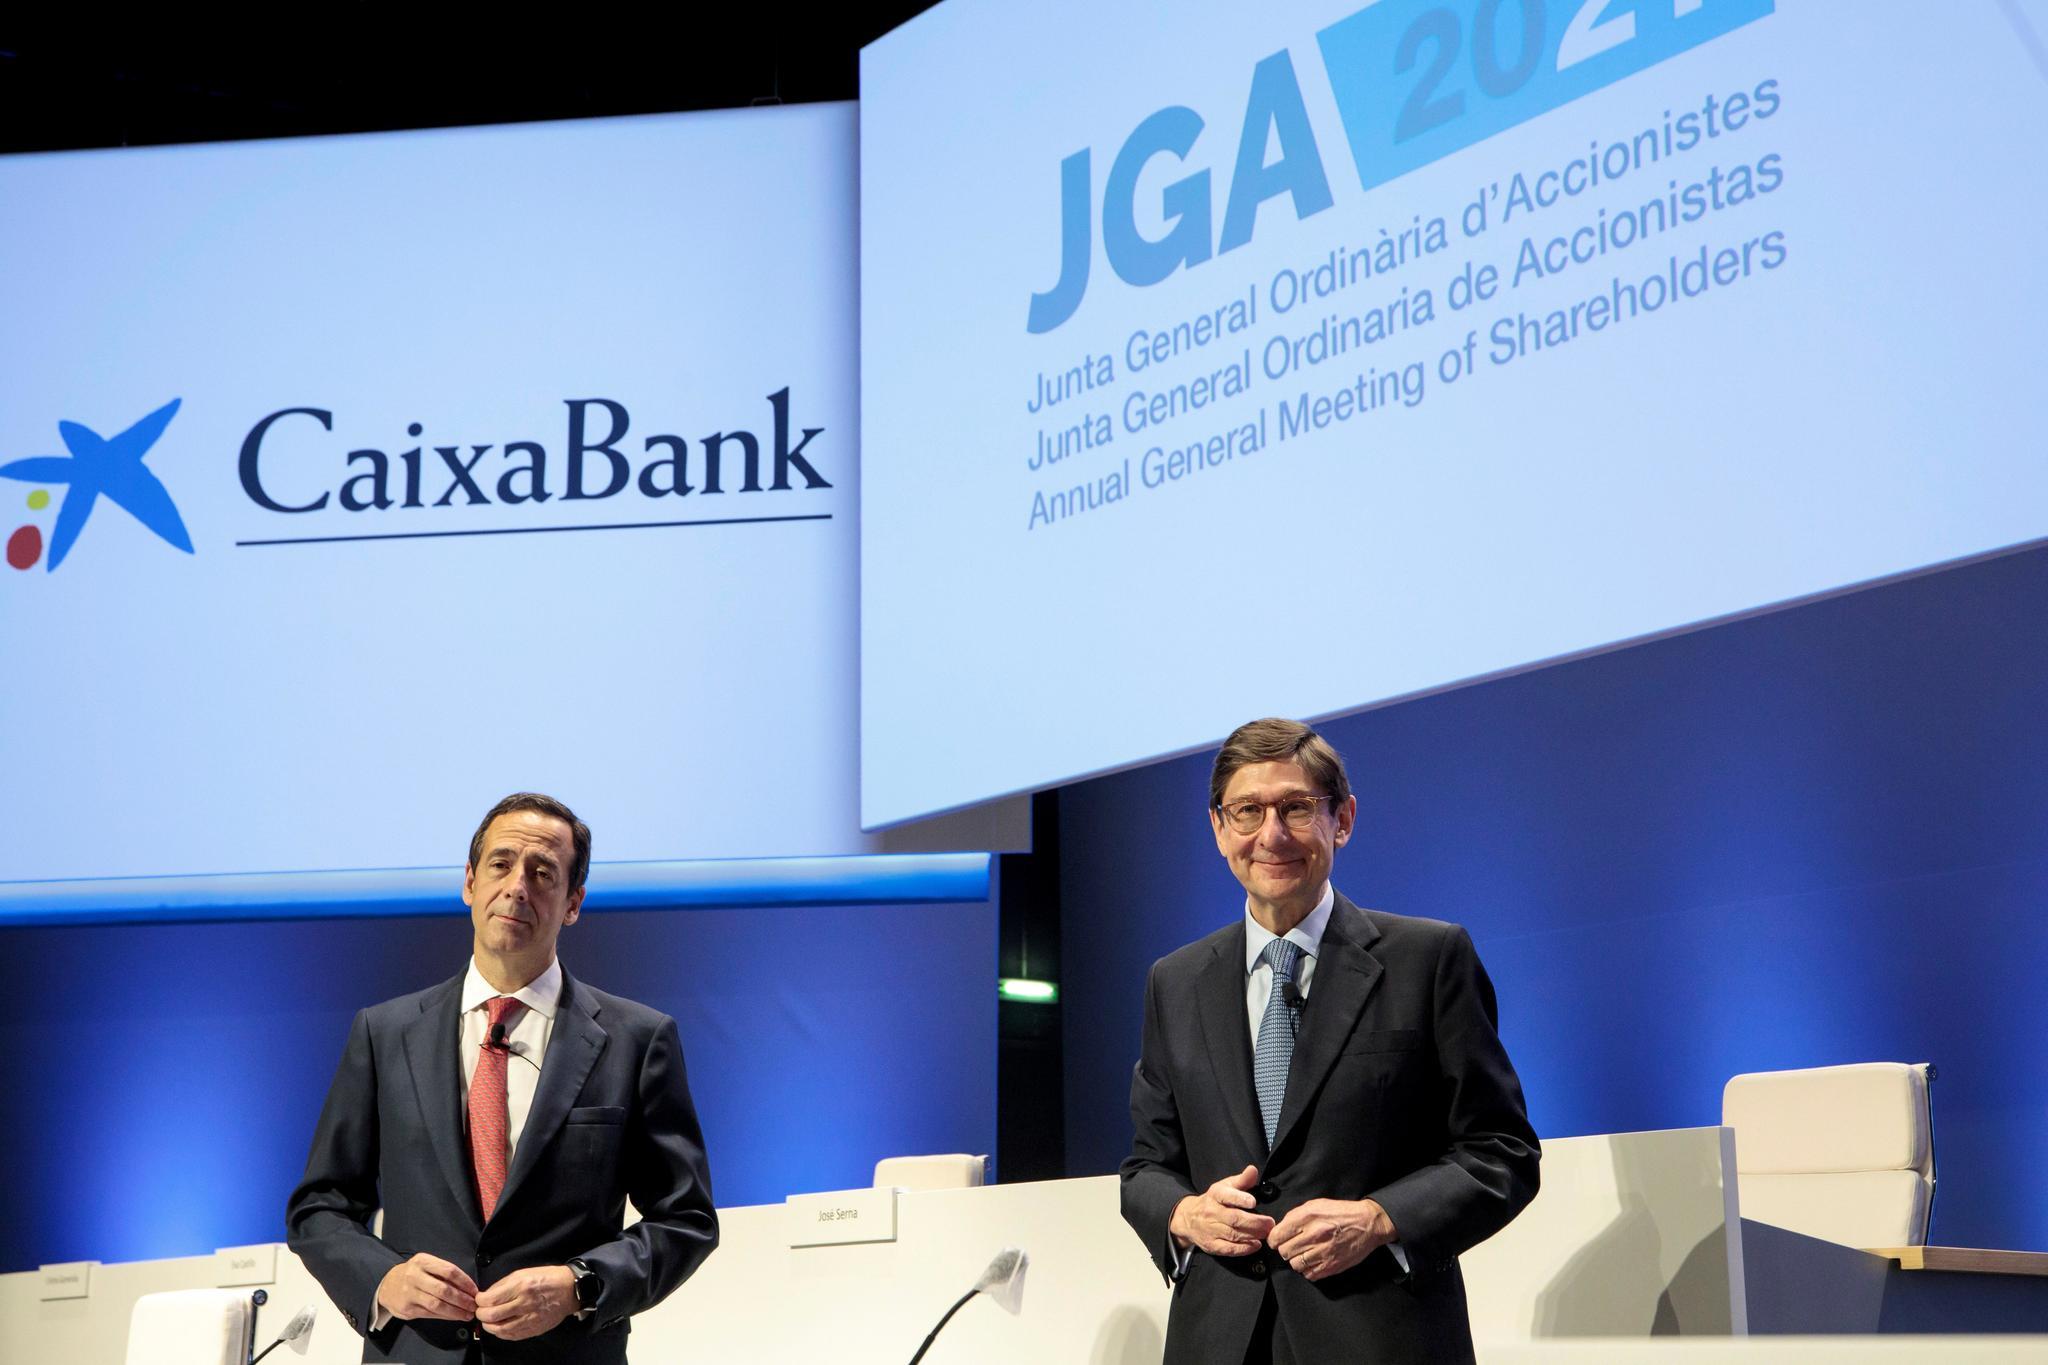 El consejero delegado de Caixabank, Gonzalo Gortázar, y el presidente, José Ignacio Goirigolzarri, en la junta.